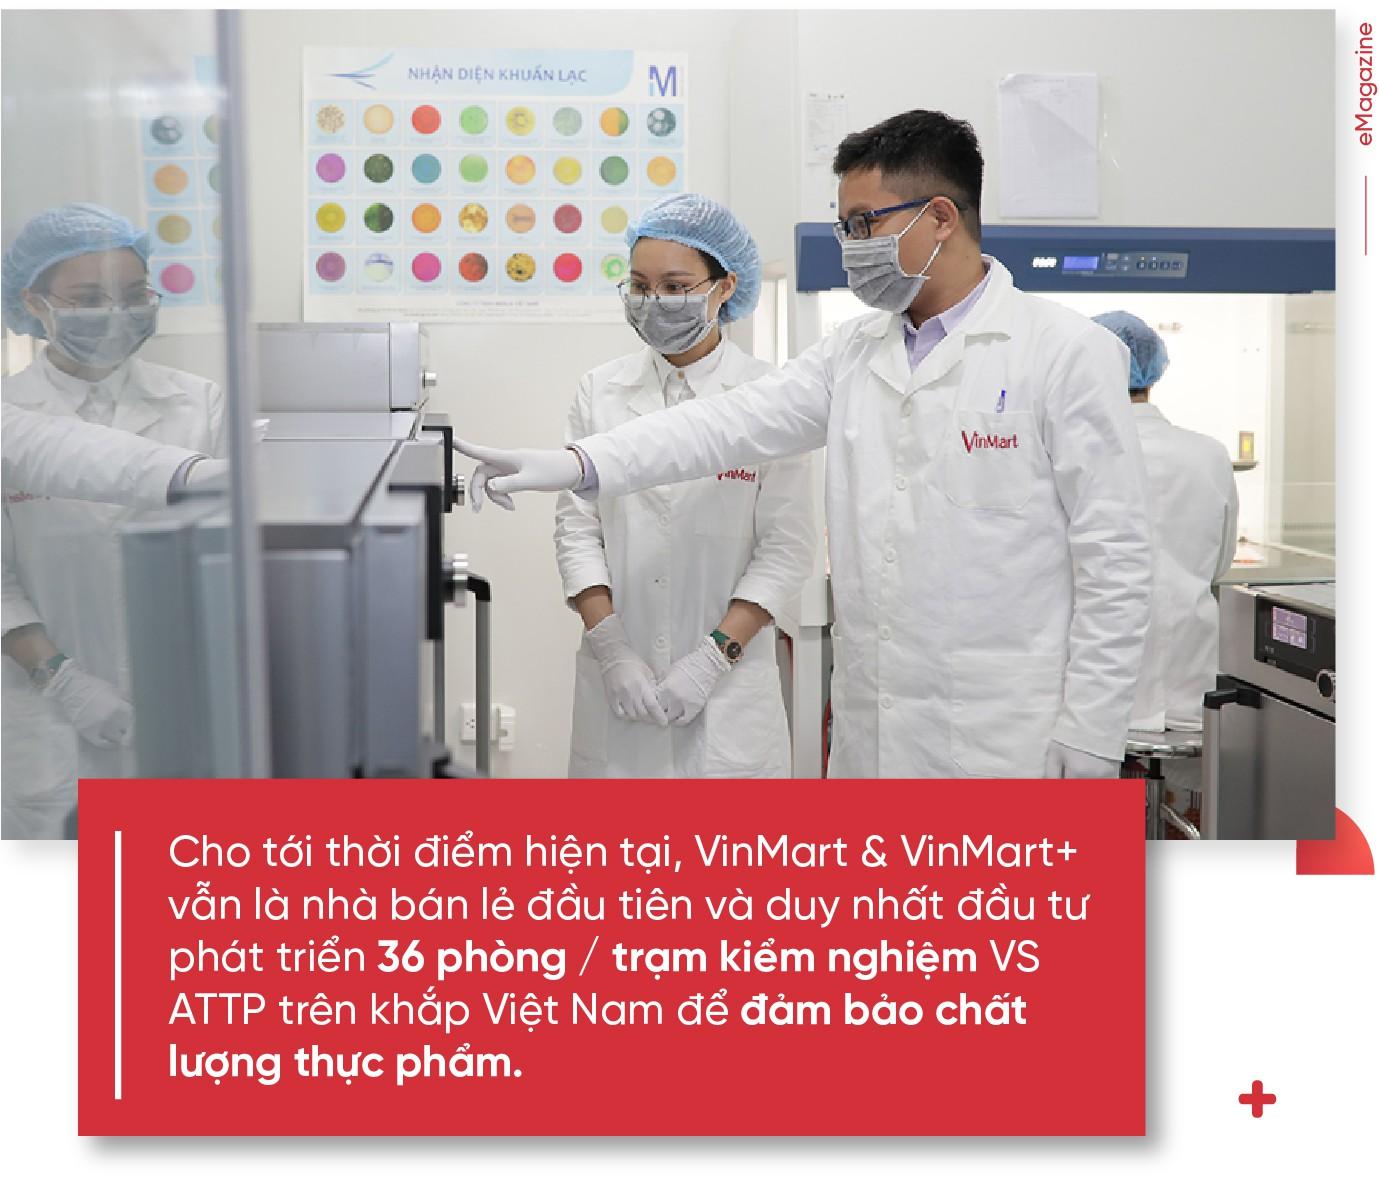 """Doanh nghiệp bán lẻ Việt Nam và """"cuộc chiến"""" thị phần ngay trên sân nhà - Ảnh 9."""